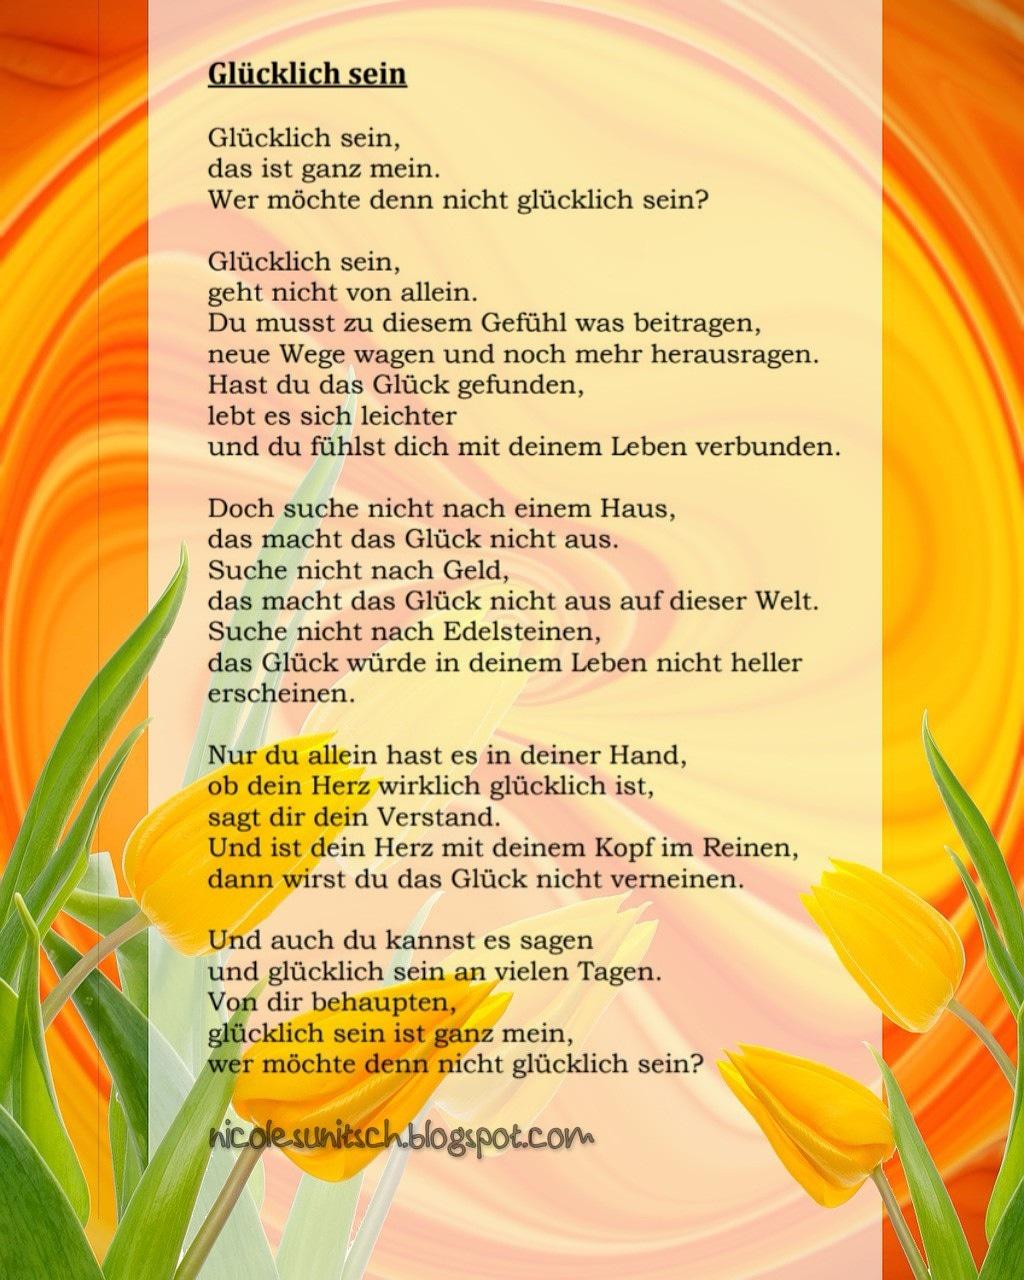 Gedichte Von Nicole Sunitsch Autorin Glücklich Sein